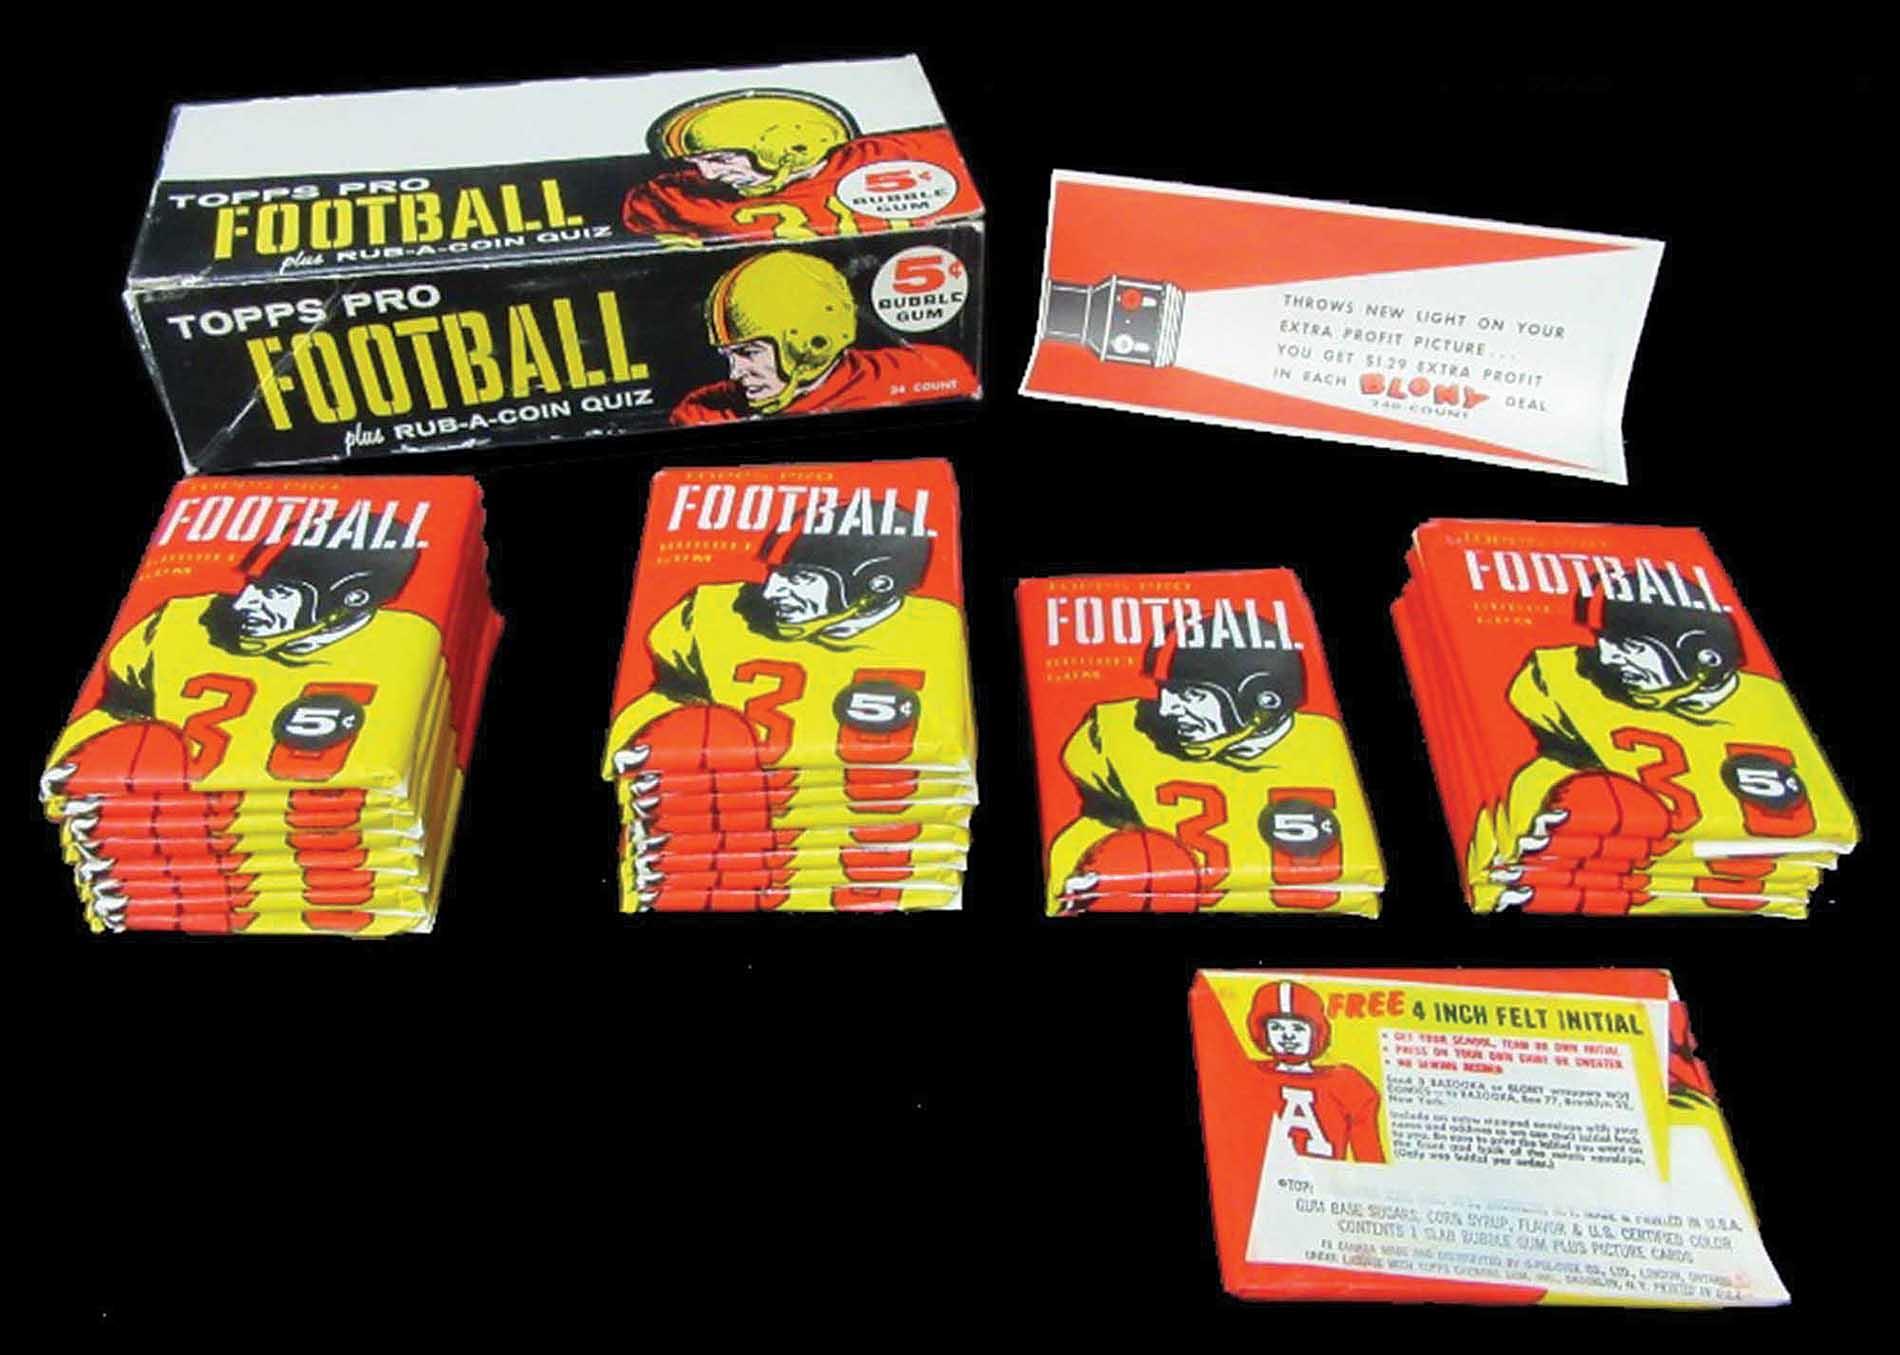 Topps 1958 football box packs